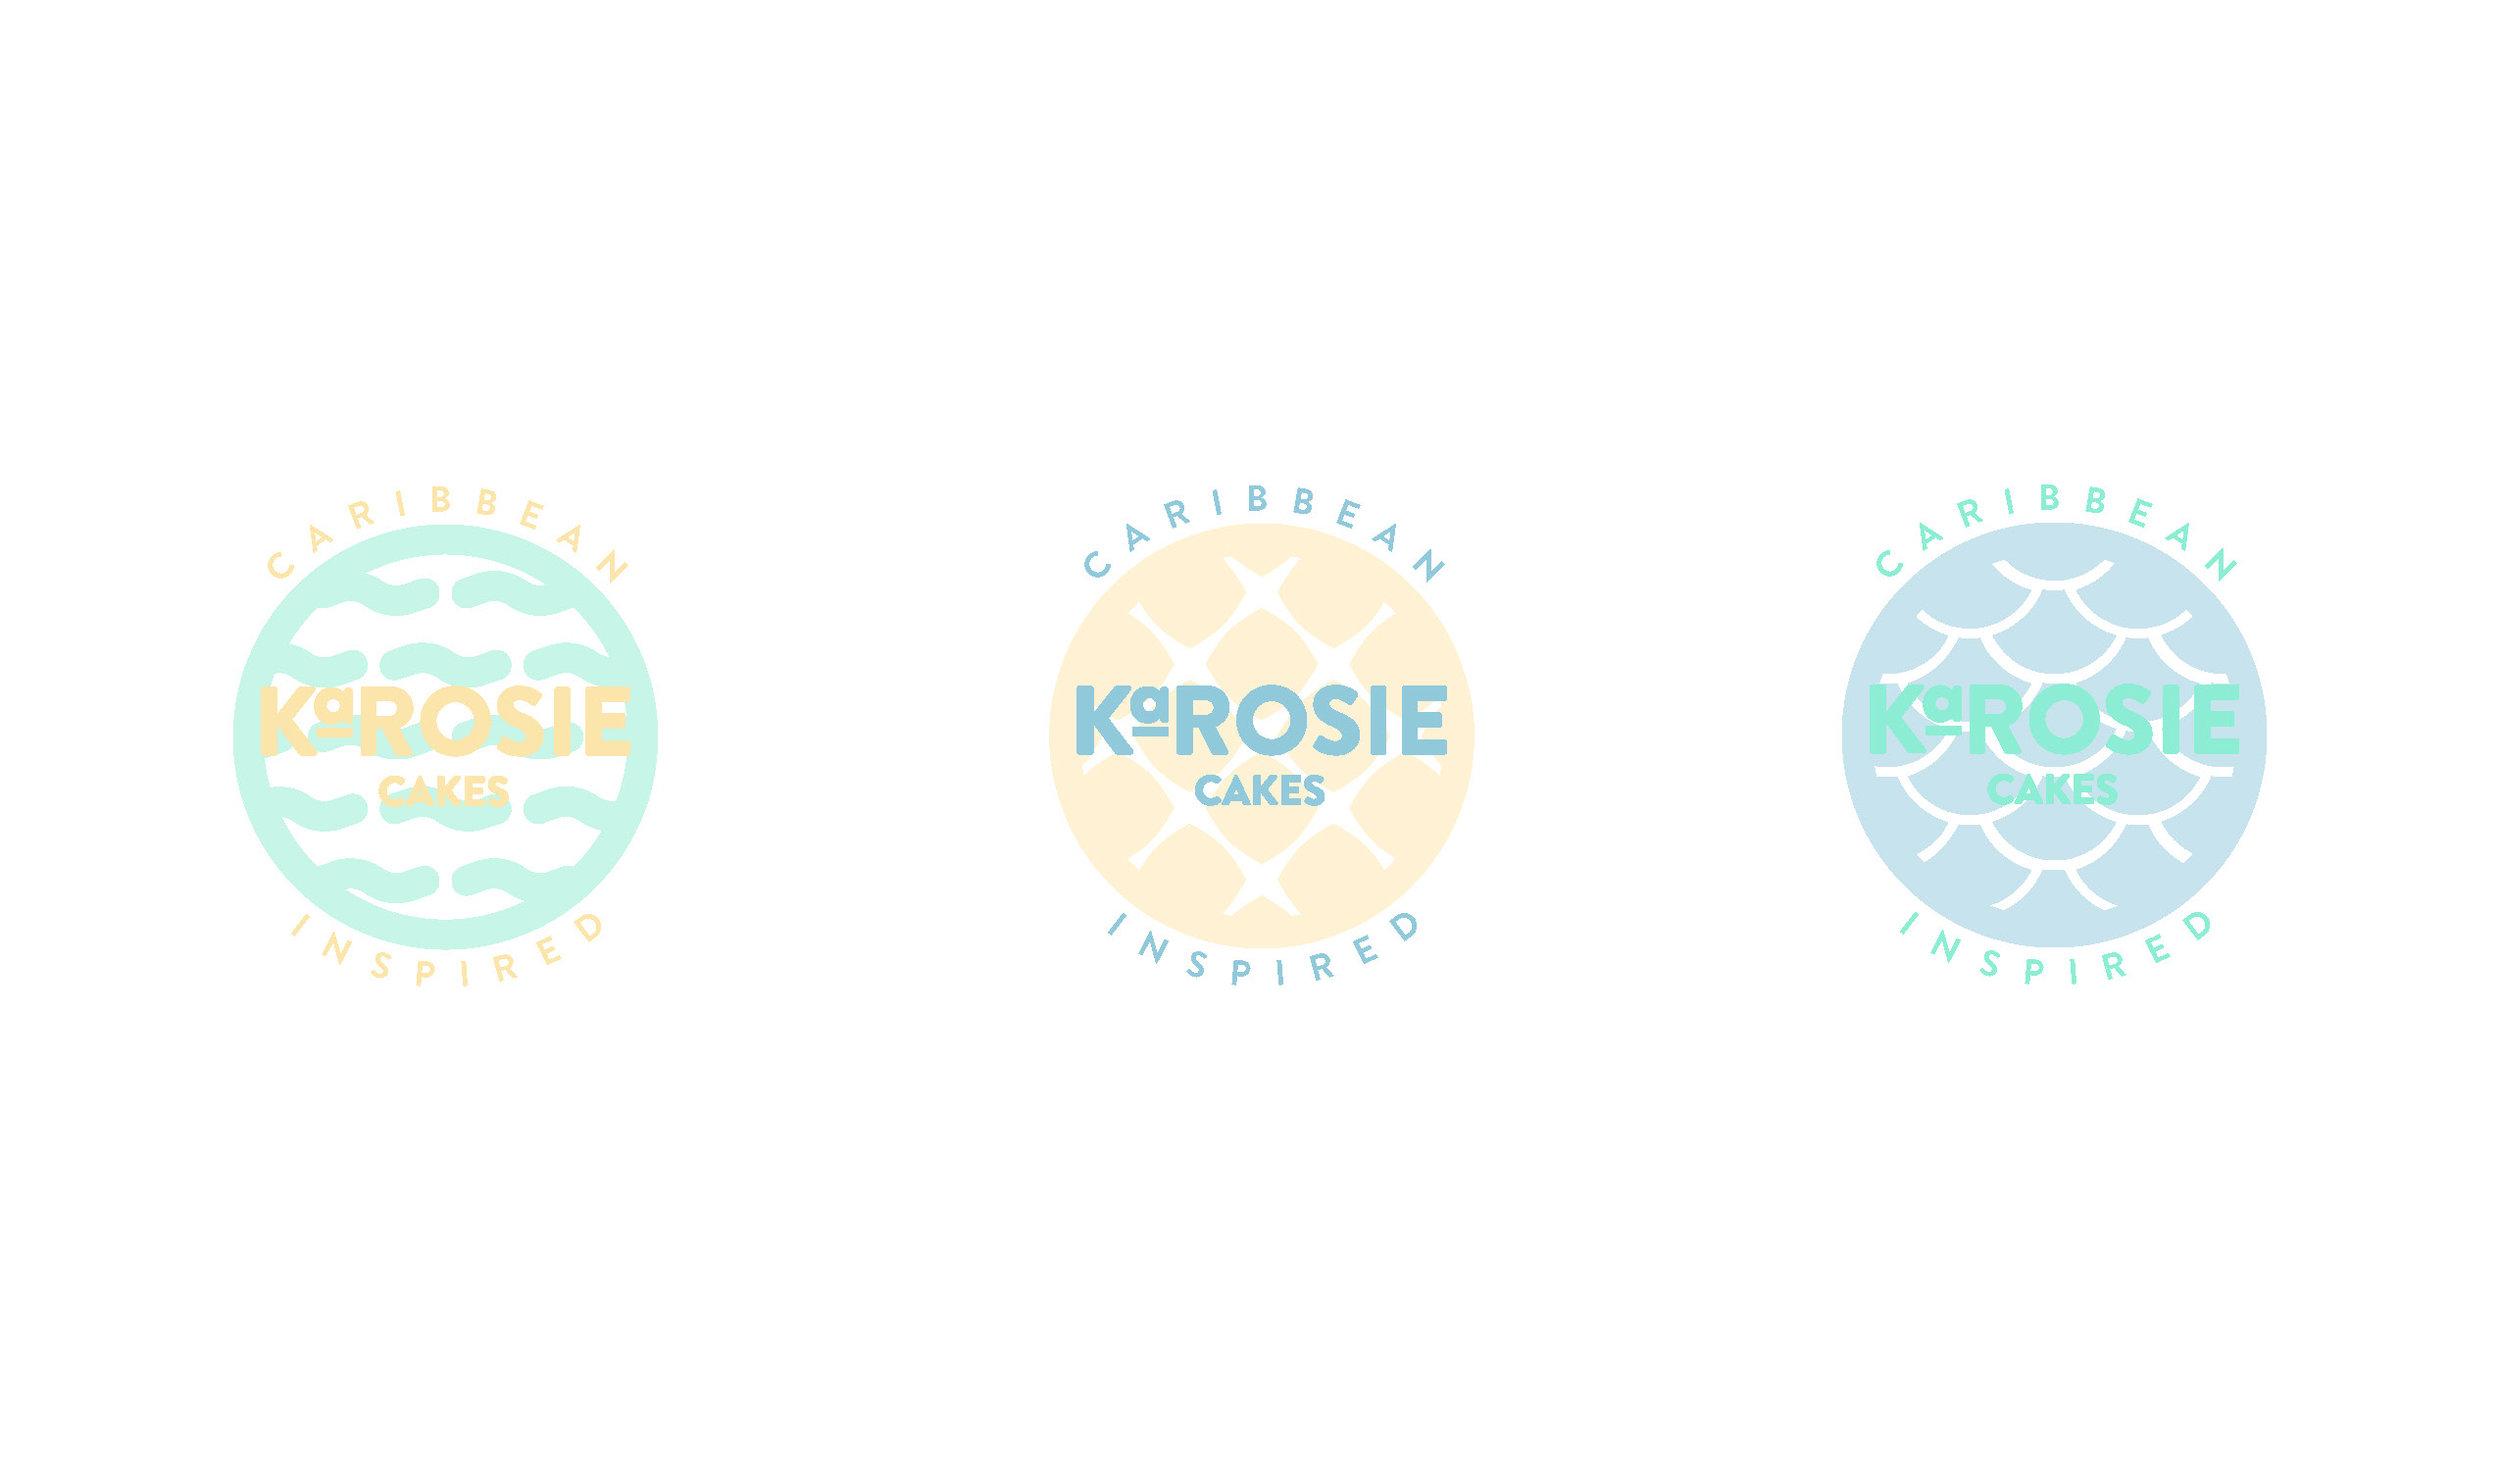 KaRosie_Page_06.jpg